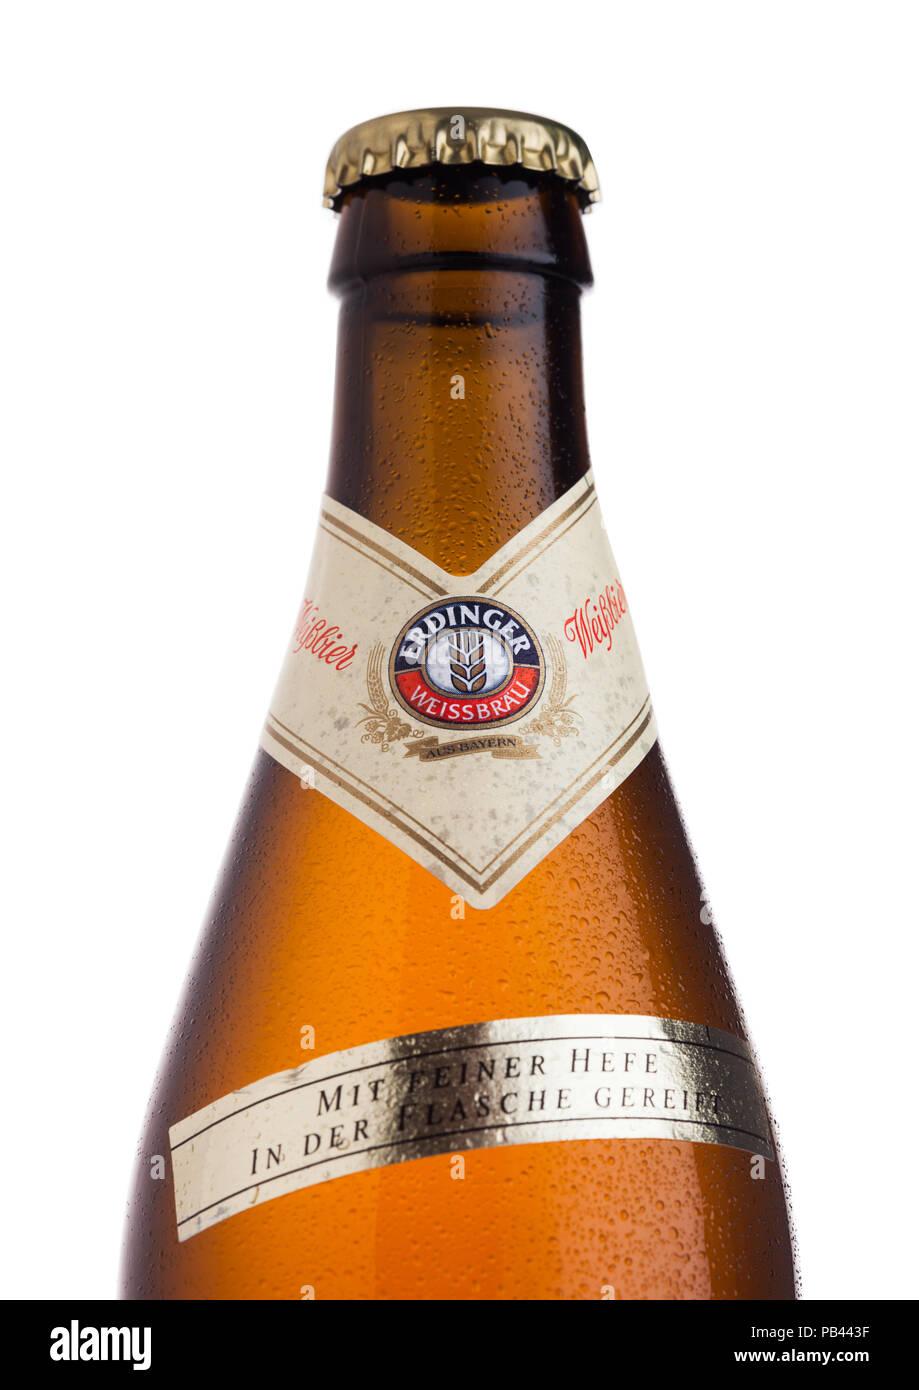 LONDON, UK, 28. JULI 2018: Flasche Erdinger Weißbier auf weißem Hintergrund. Erdinger ist das Produkt der weltweit größten Weißbierbrauerei. Stockbild